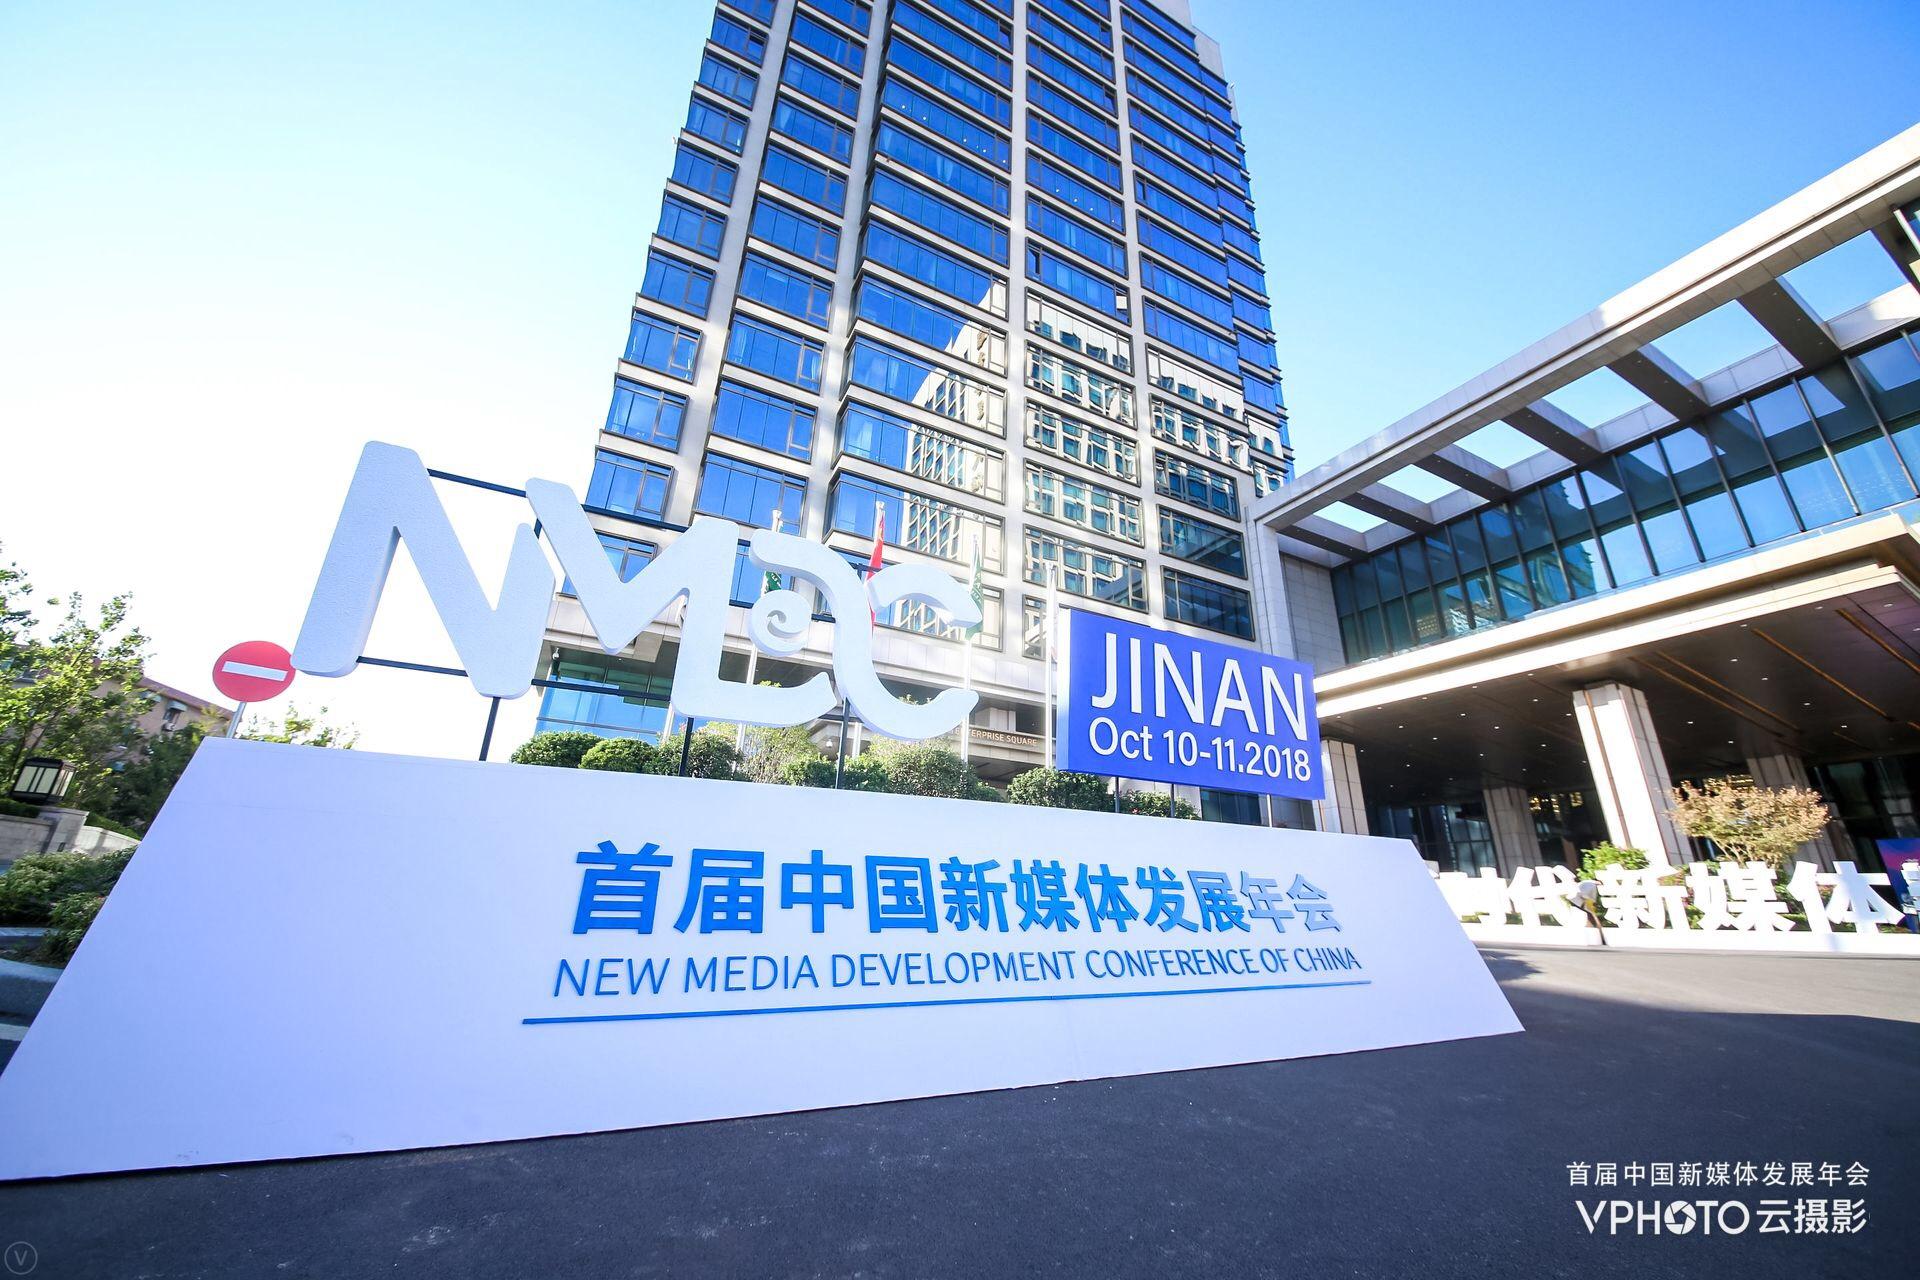 10月10日上午,首届中国新媒体发展年会在济南·香格里拉大酒店举行。